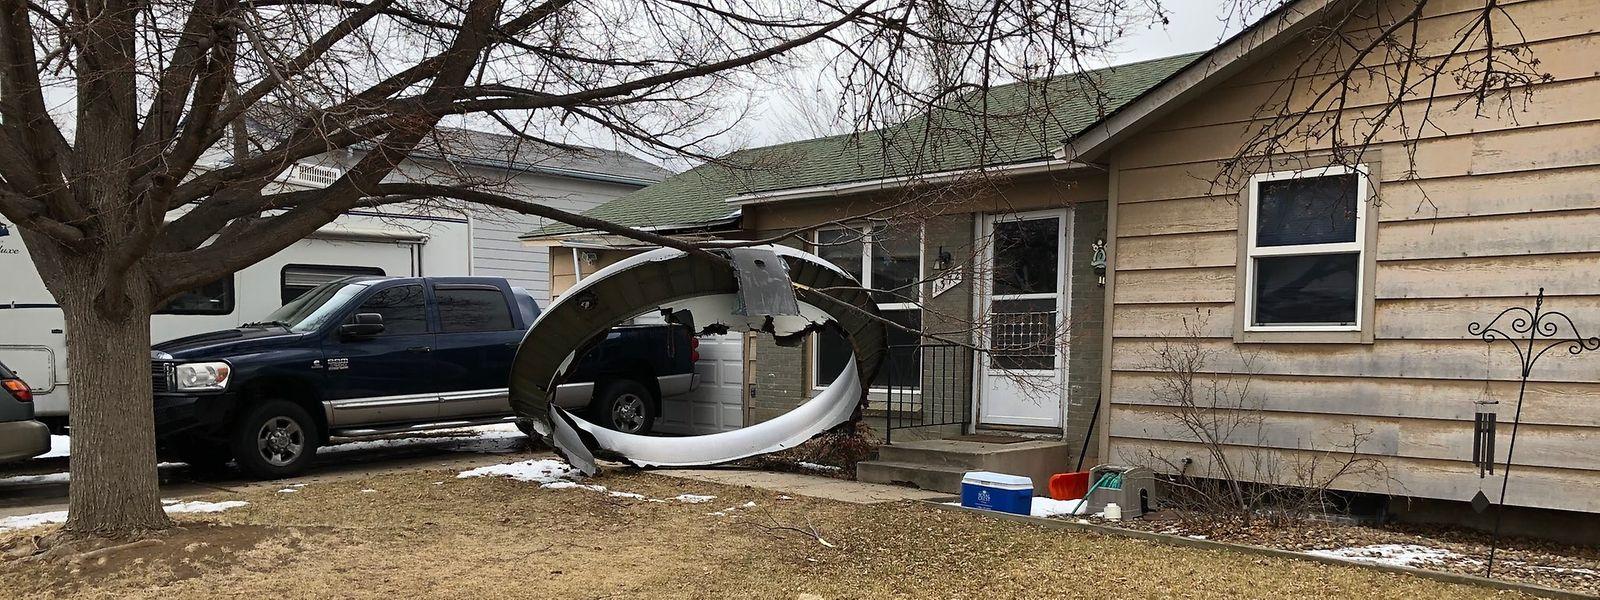 Das von der Polizei Broomfield über Twitter veröffentlichte Foto zeigt ein großes Bauteil eines Flugzeugtriebwerks in einem Vorgarten eines Hauses.